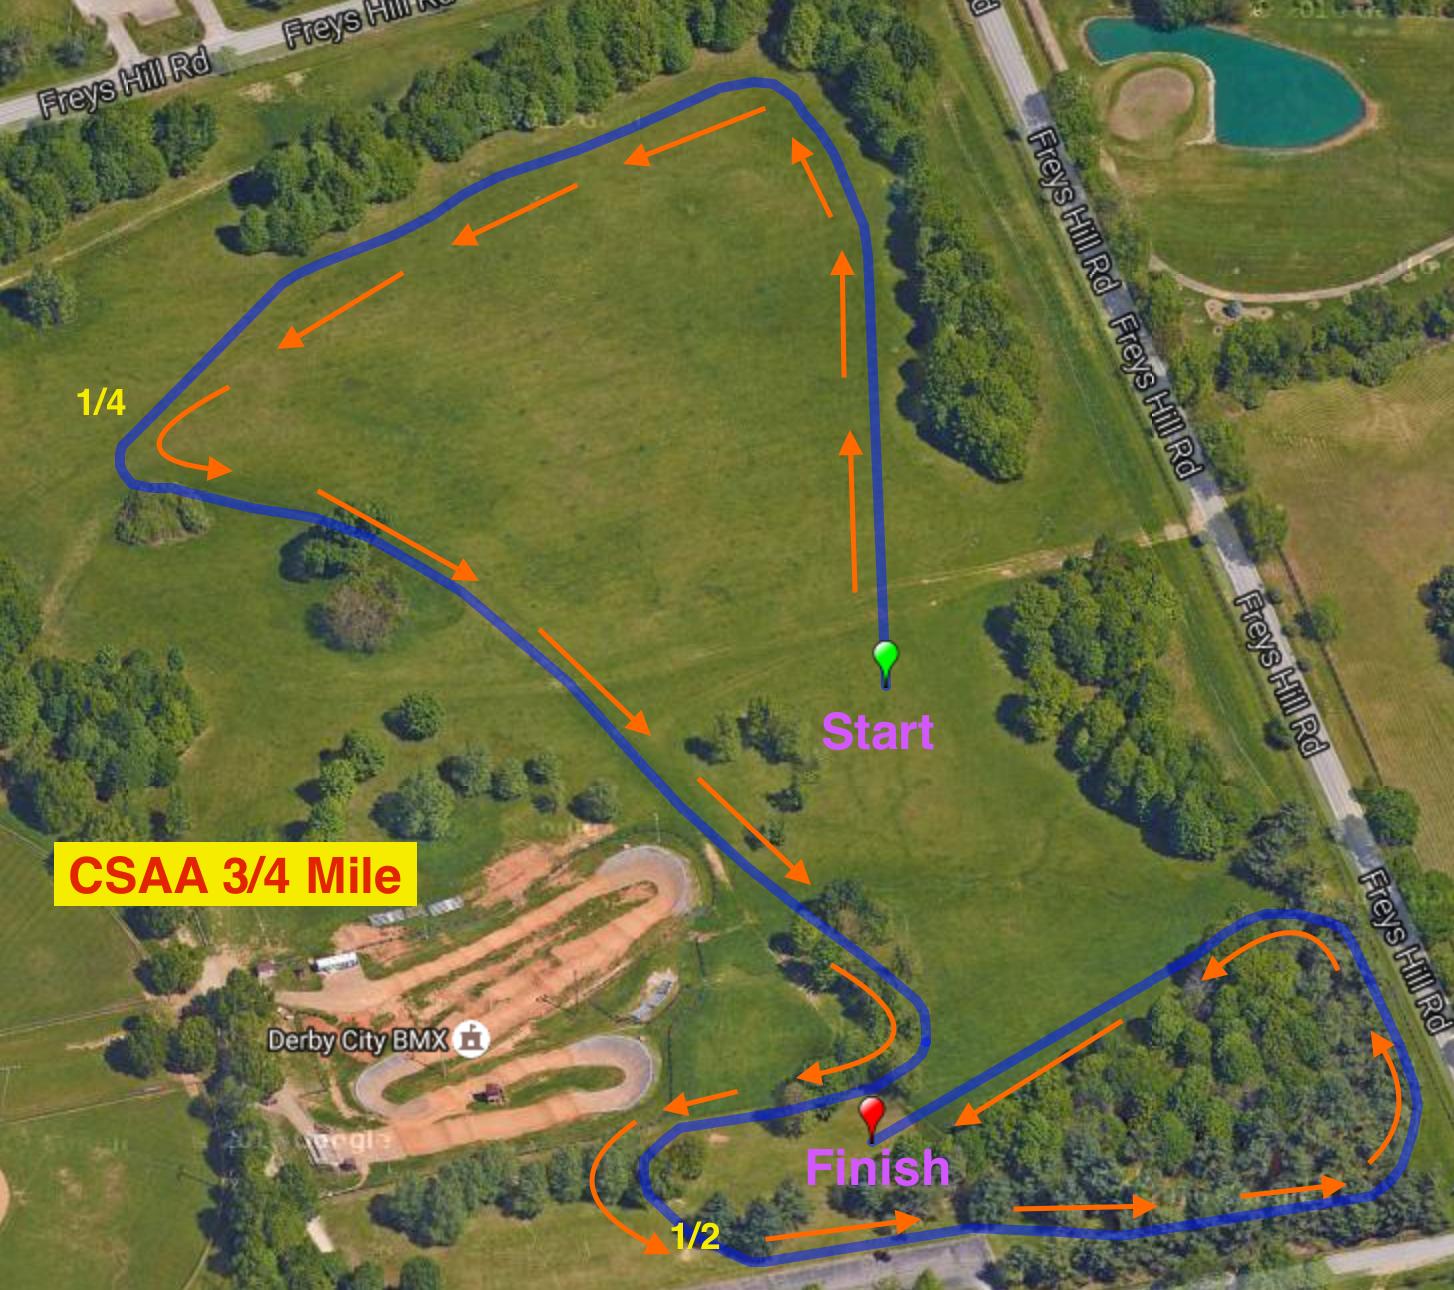 csaa-3qtr-mile-2016